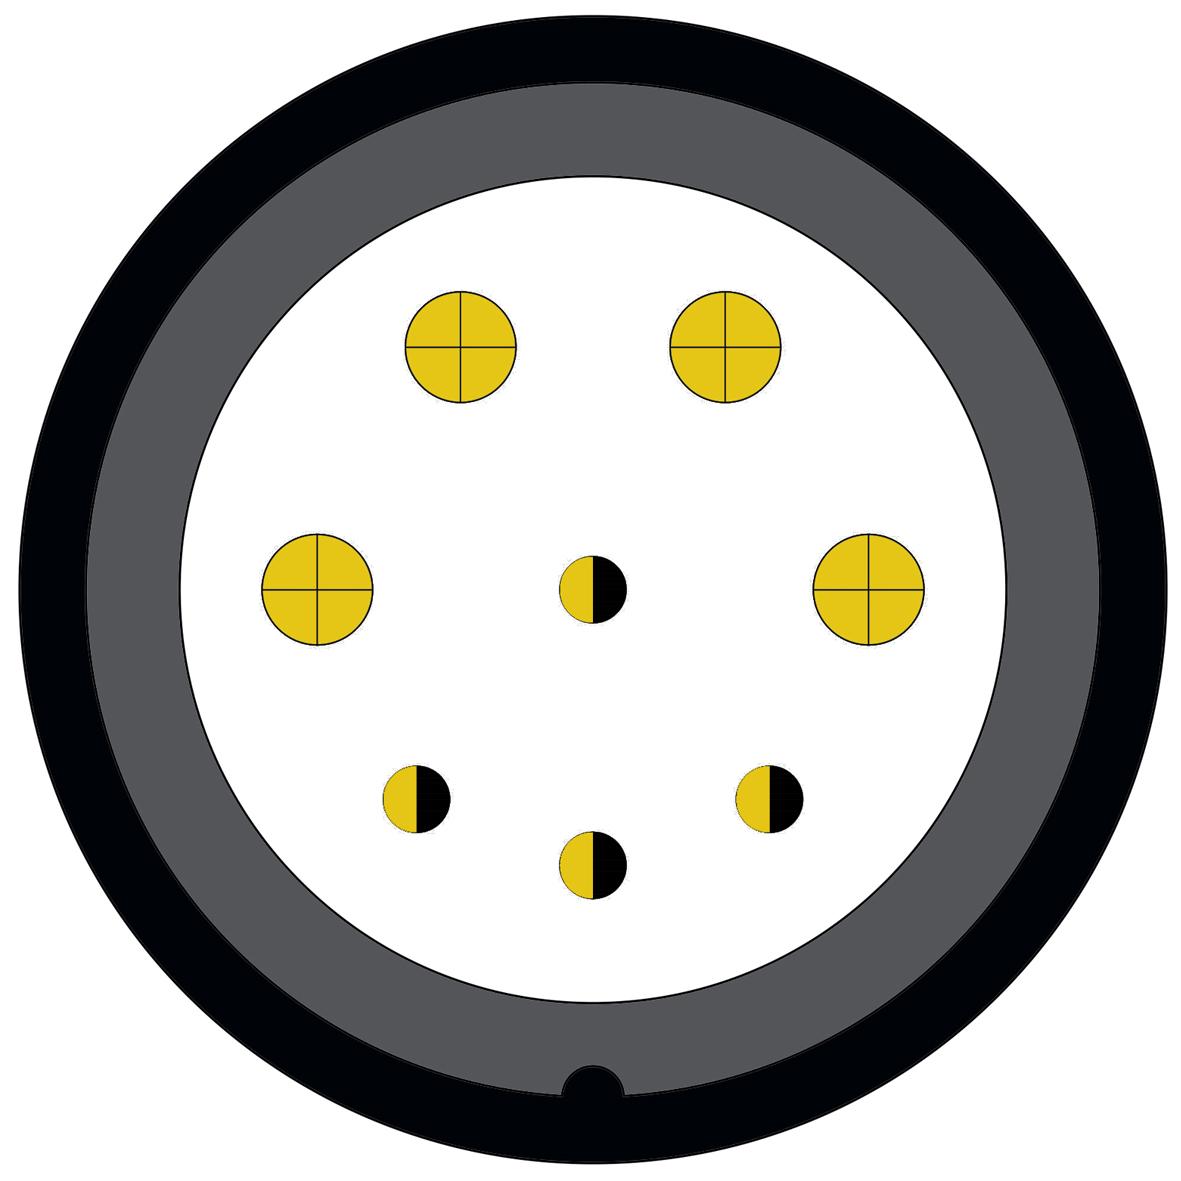 48M (2) 8 way connector